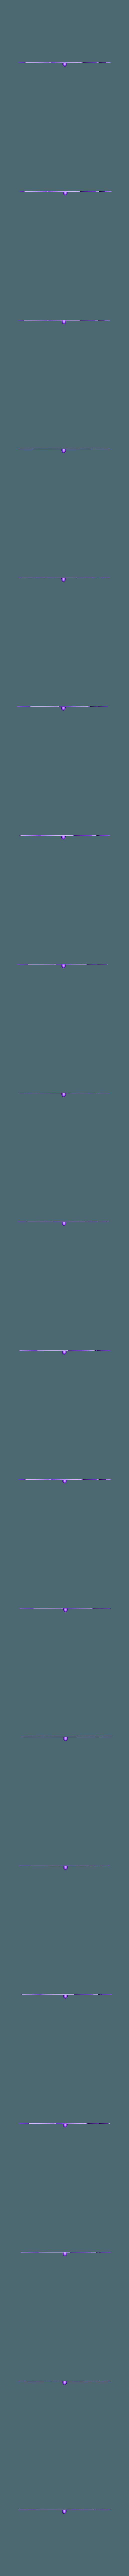 frontage.stl Télécharger fichier STL gratuit Pistolet d'hypnose • Design pour imprimante 3D, ericcherry